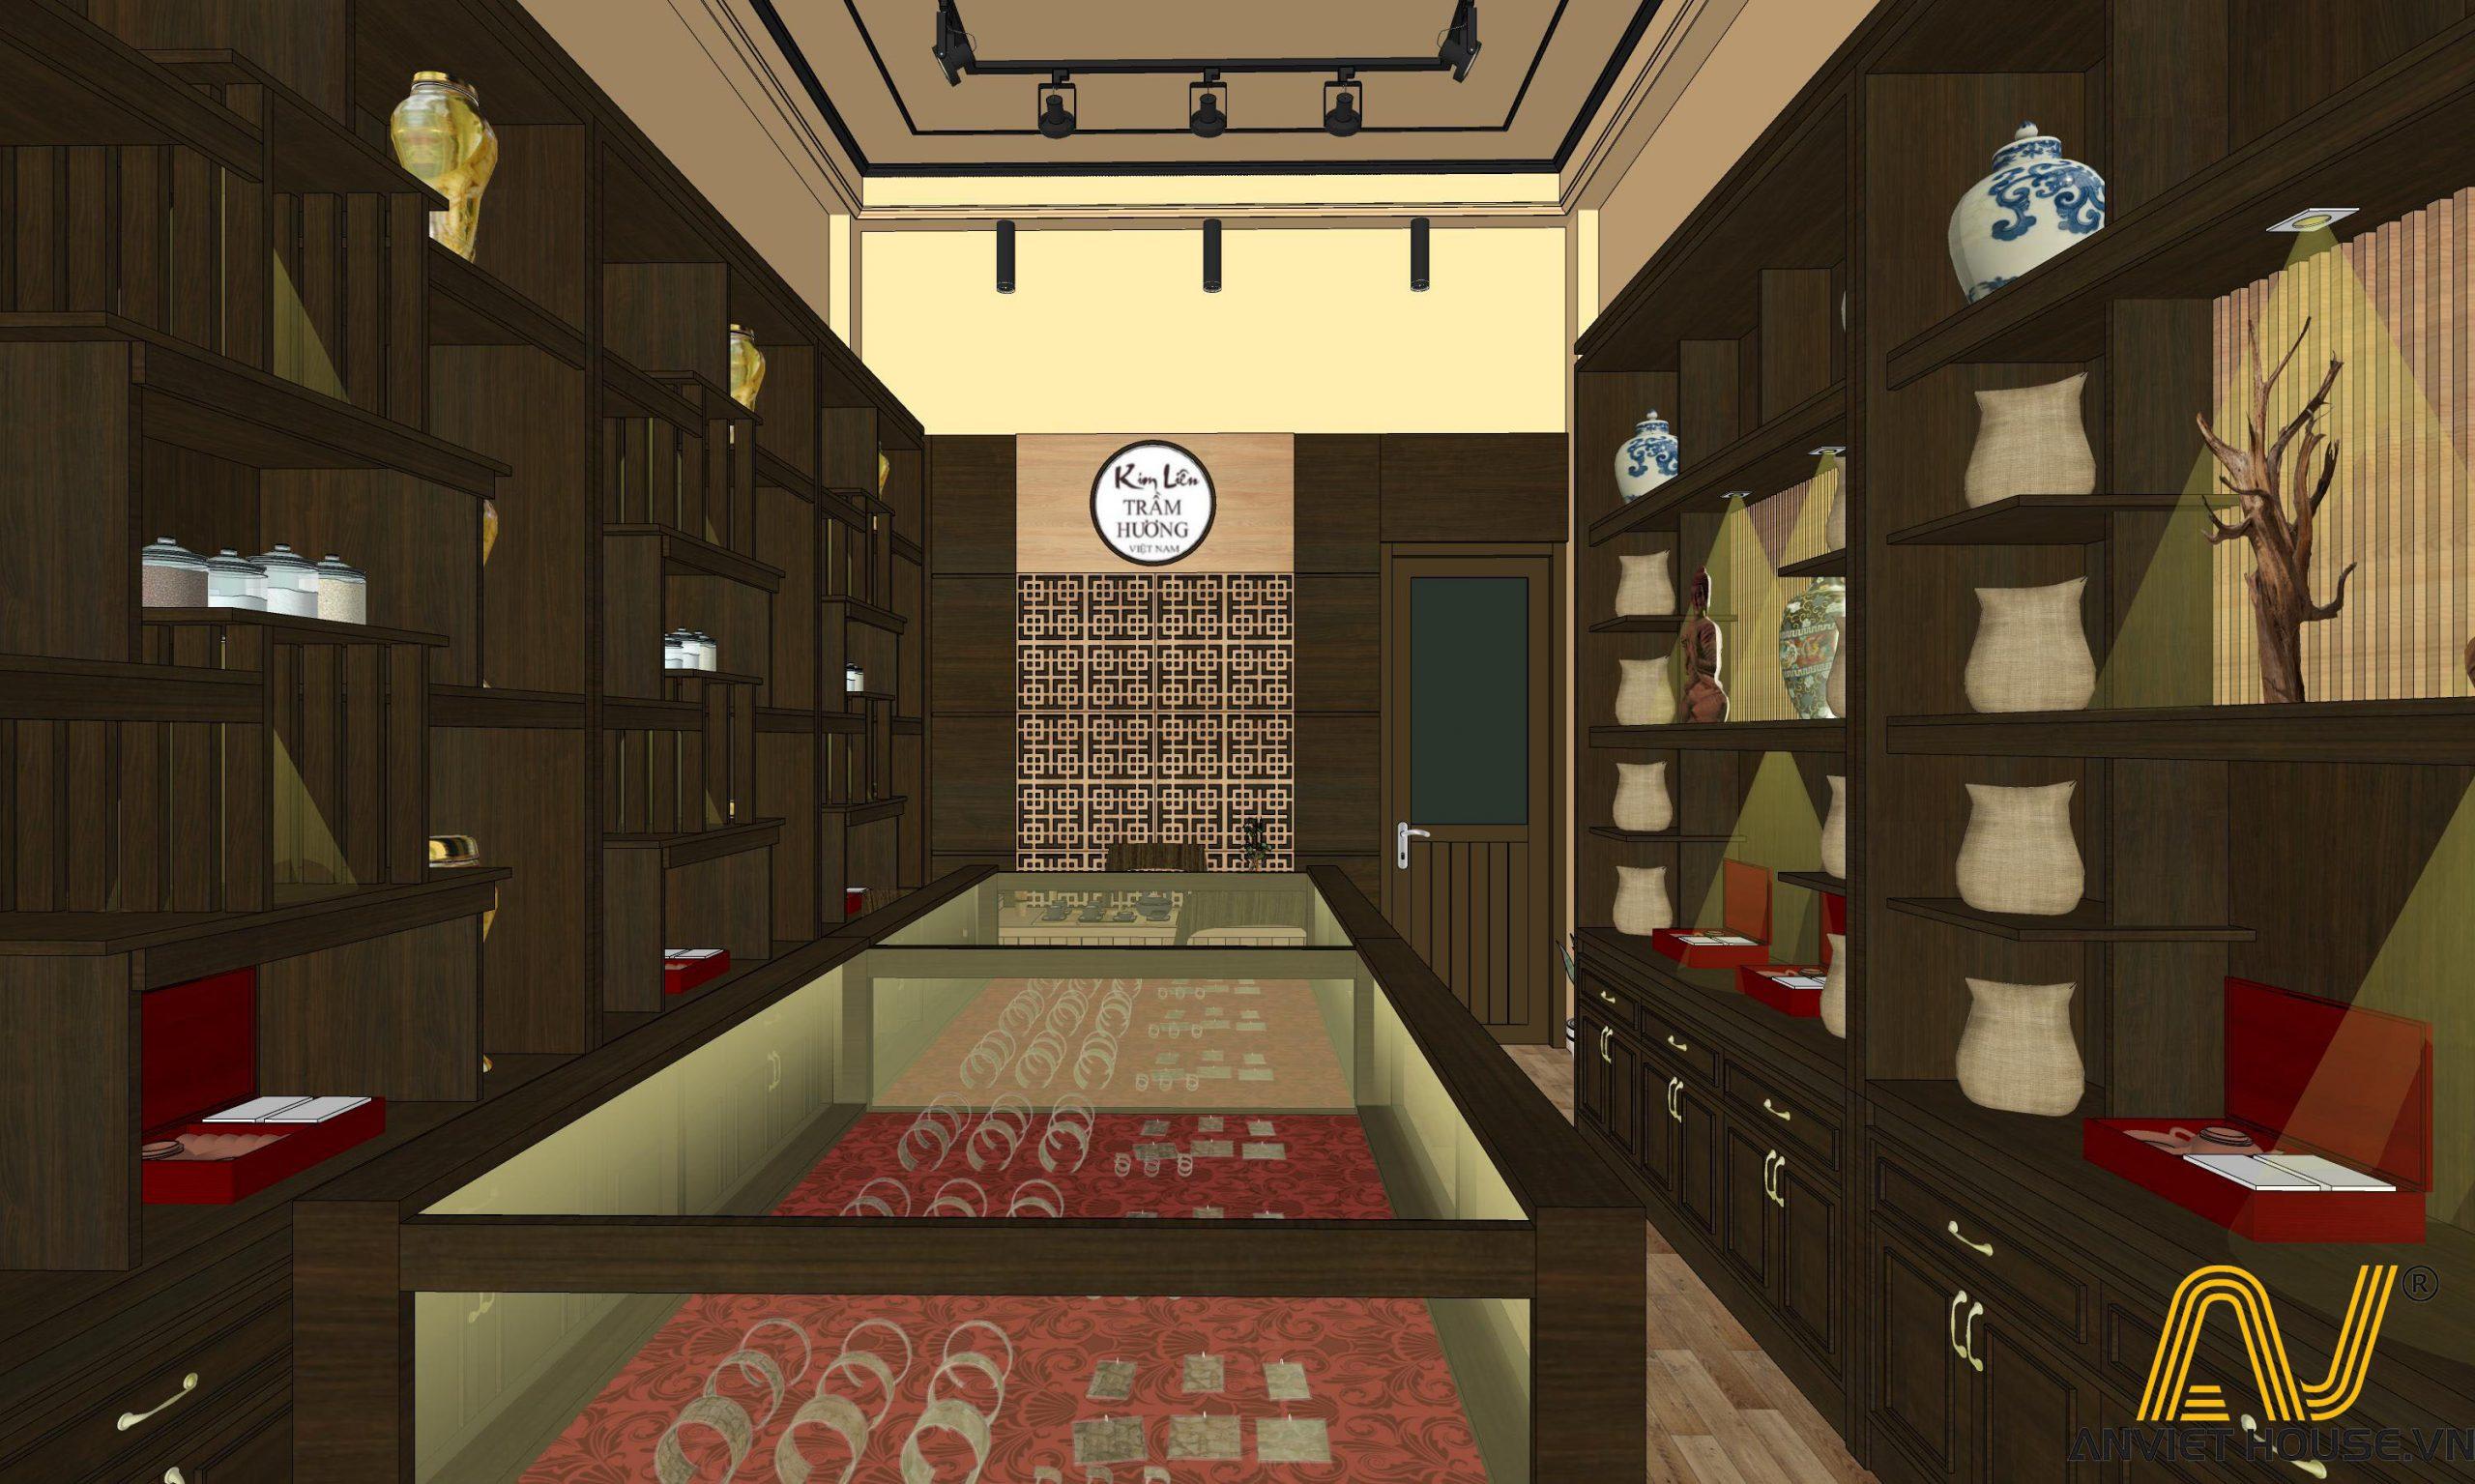 phối cảnh 3D cửa hàng trầm hương Kim Liên